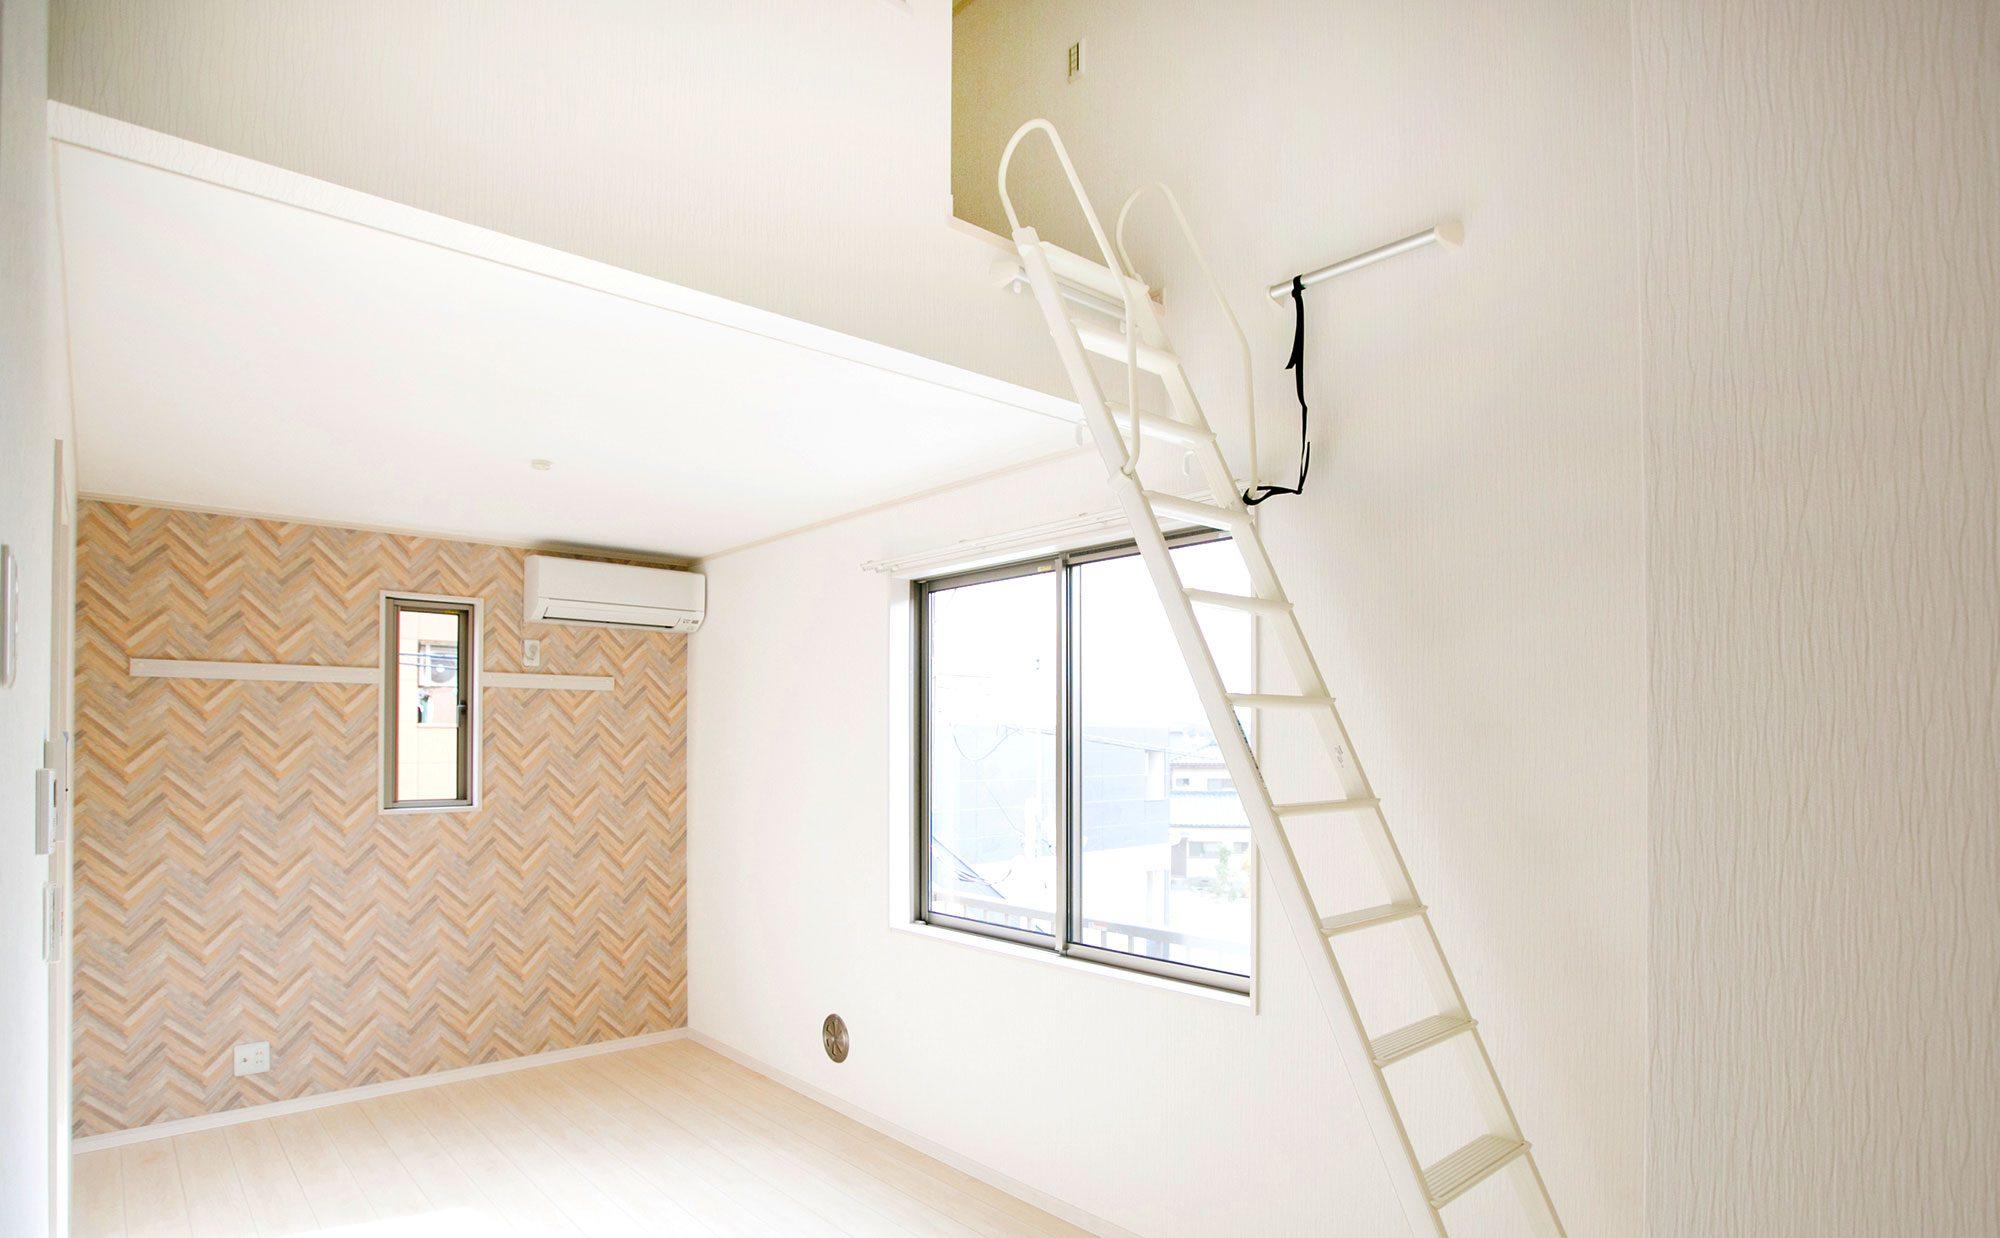 ロフト付きの部屋に住んでみた。ロフトの便利な5つの活用方法と選び方